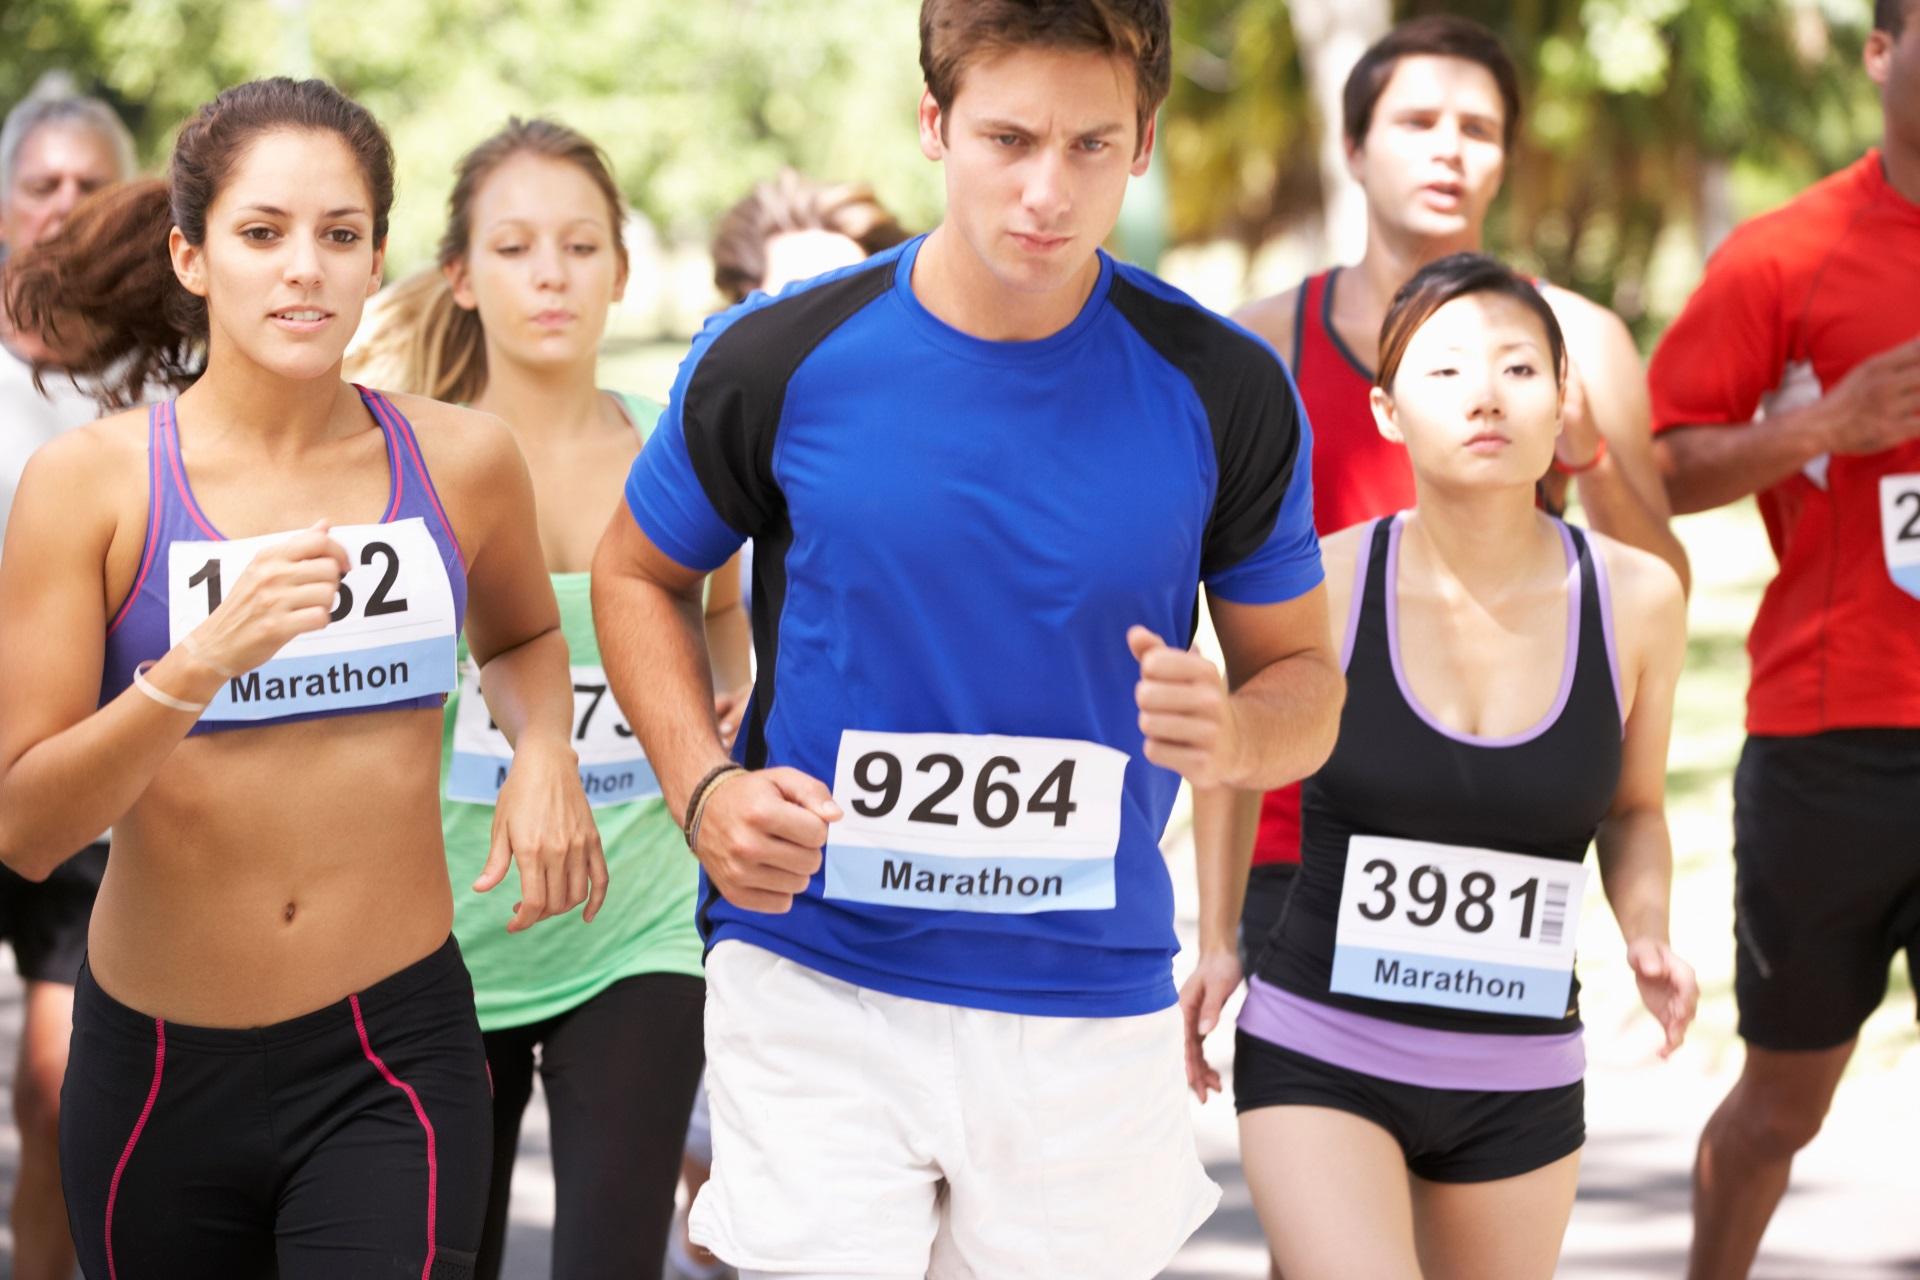 Laufkalender 2020: Diese Laufevents erwarten dich im neuen Jahr